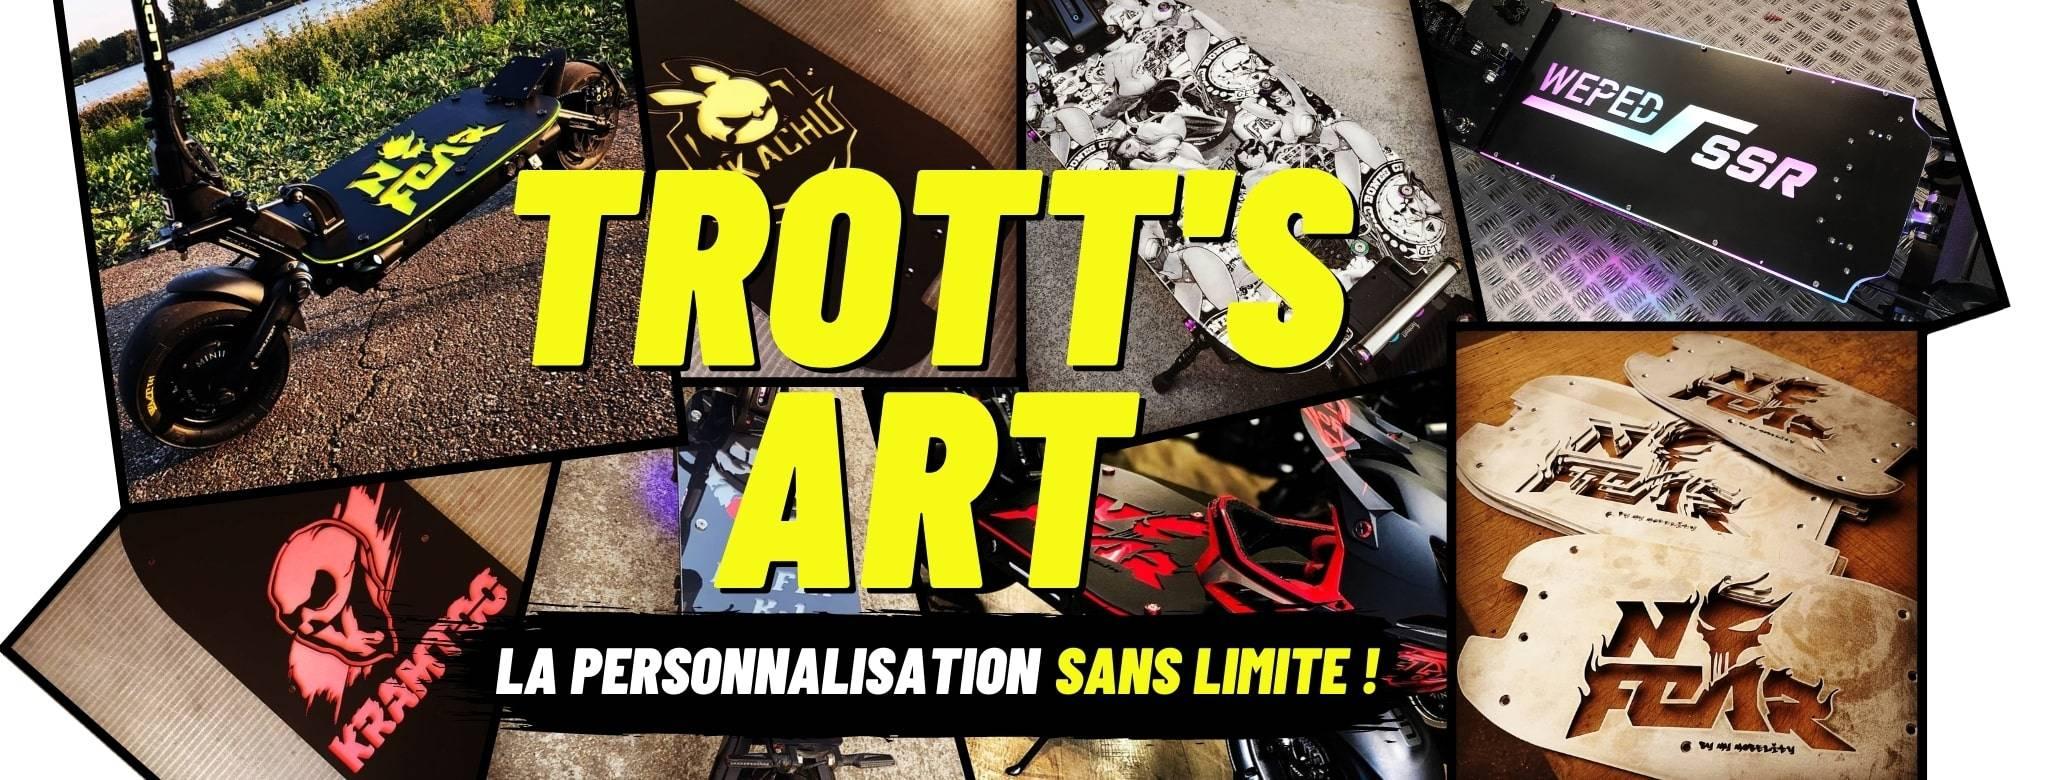 deck-trott-art-trottinette-electrique